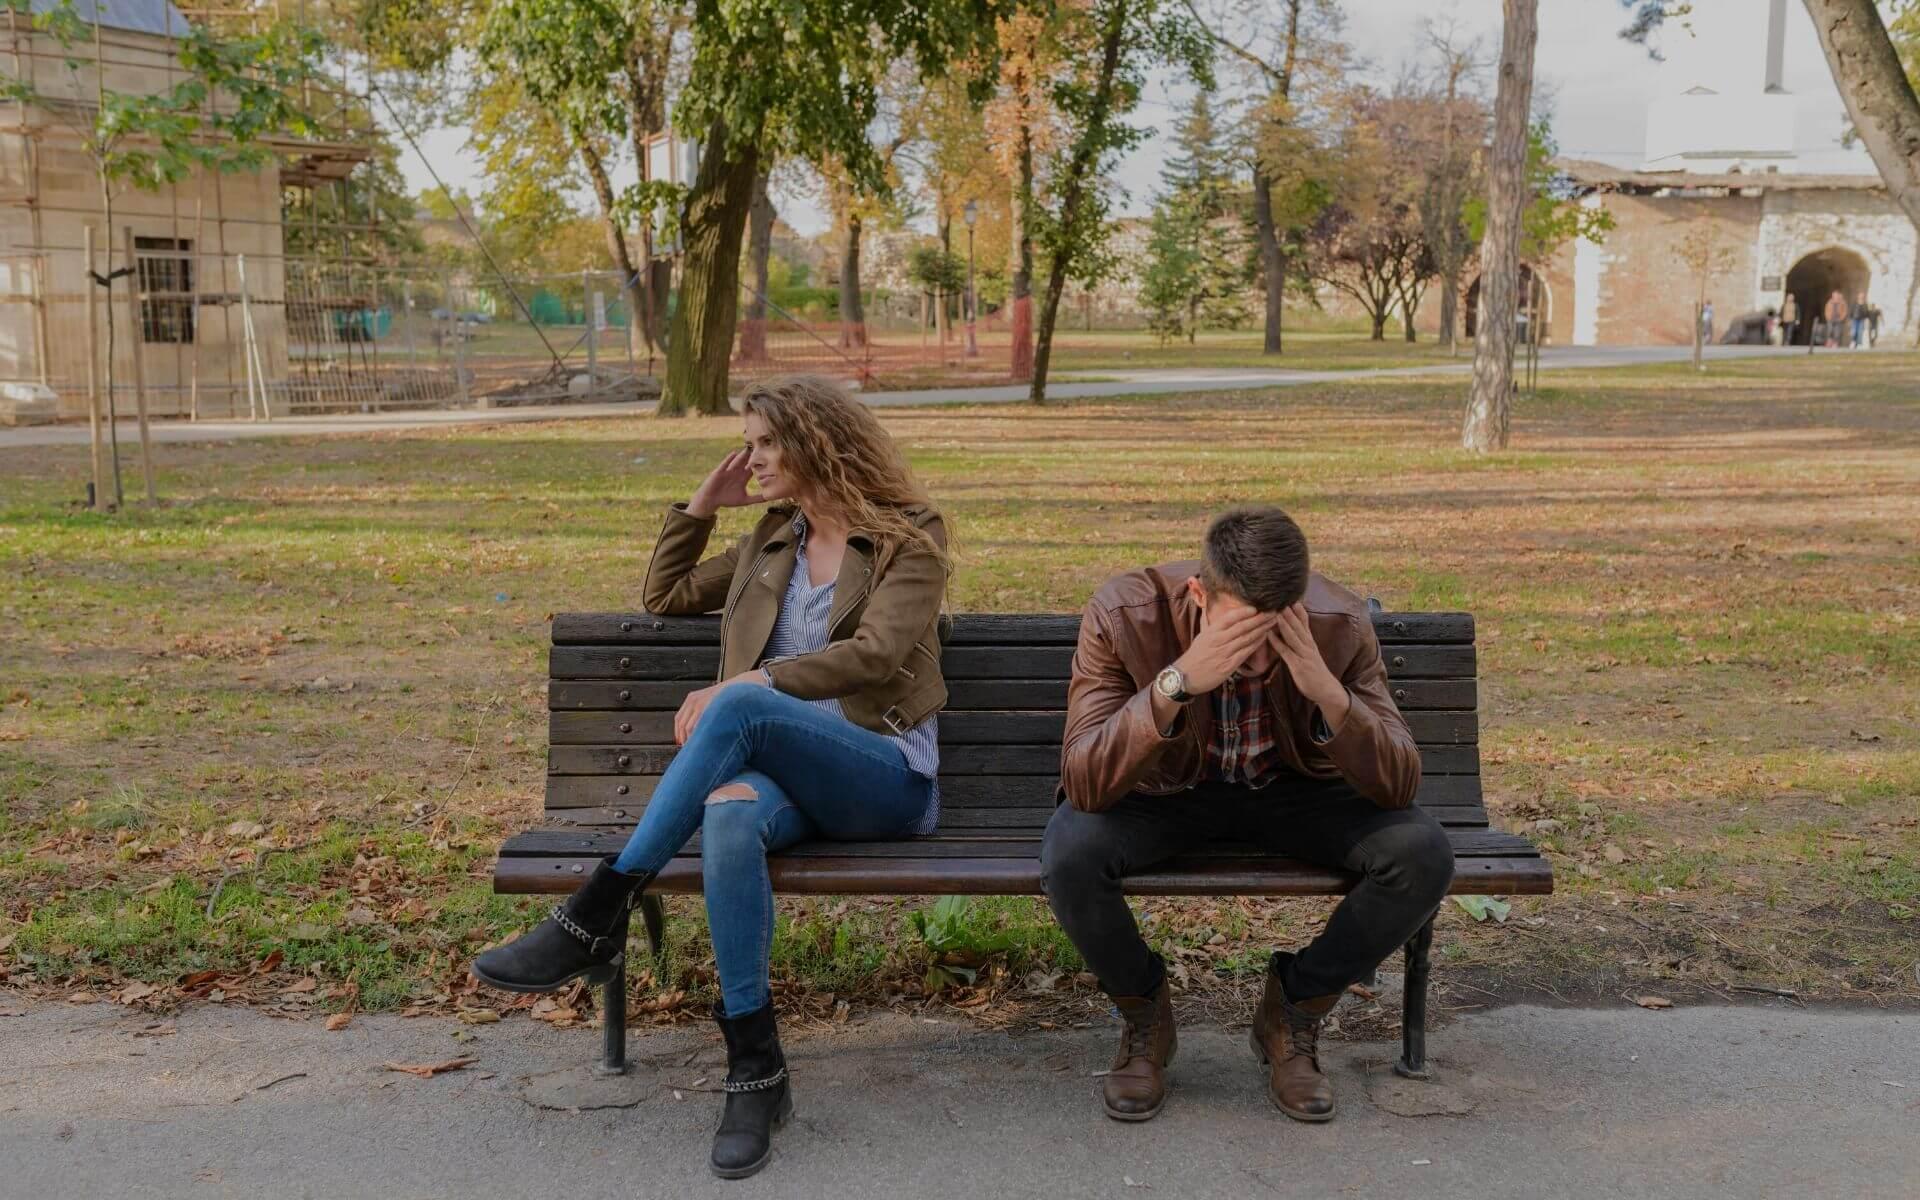 Solltest du deine Beziehung beenden? Wenn er diese 5 Eigenschaften zeigt, solltest du sofort mit ihm Schluss machen